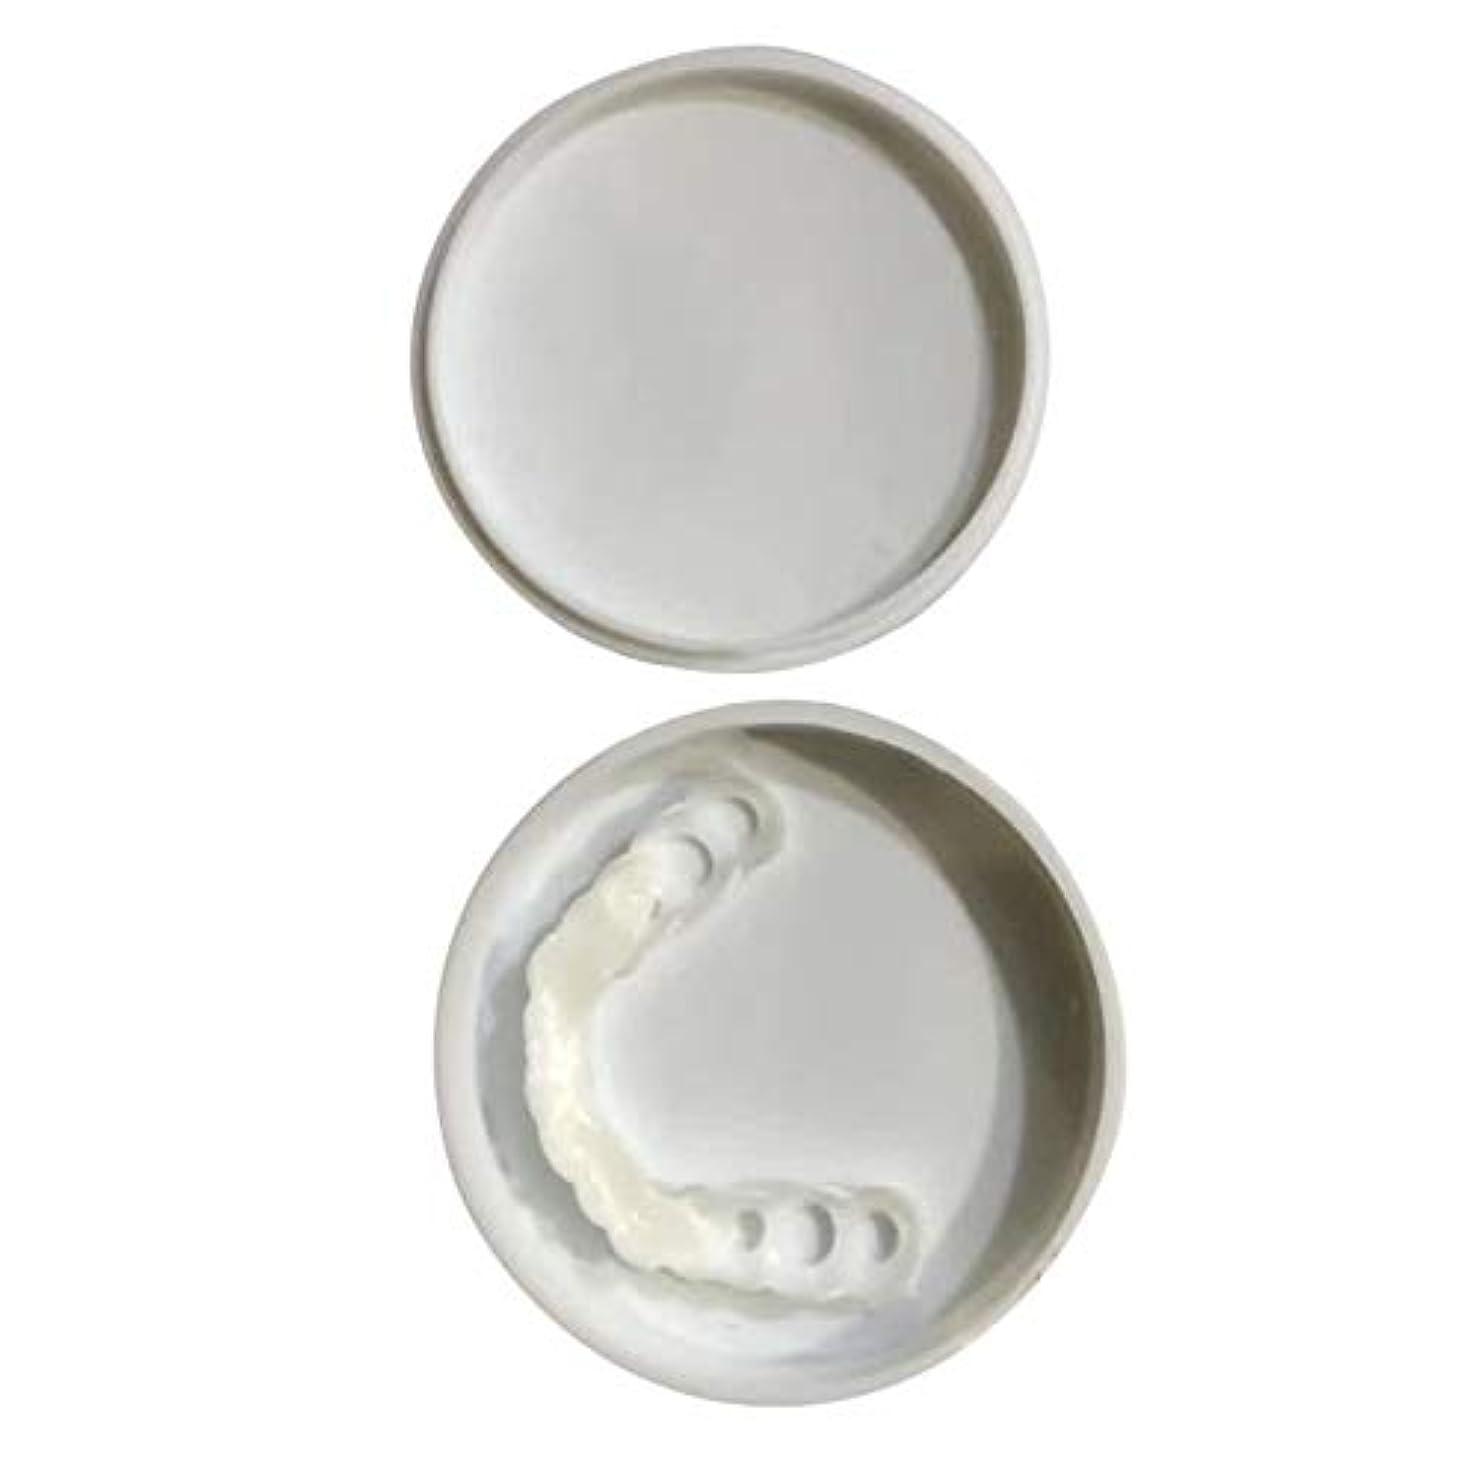 毎日クレデンシャル水っぽい快適なスナップオン男性女性歯インスタントパーフェクトスマイルコンフォートフィットフレックス歯フィットホワイトニング笑顔偽歯カバー - ホワイト